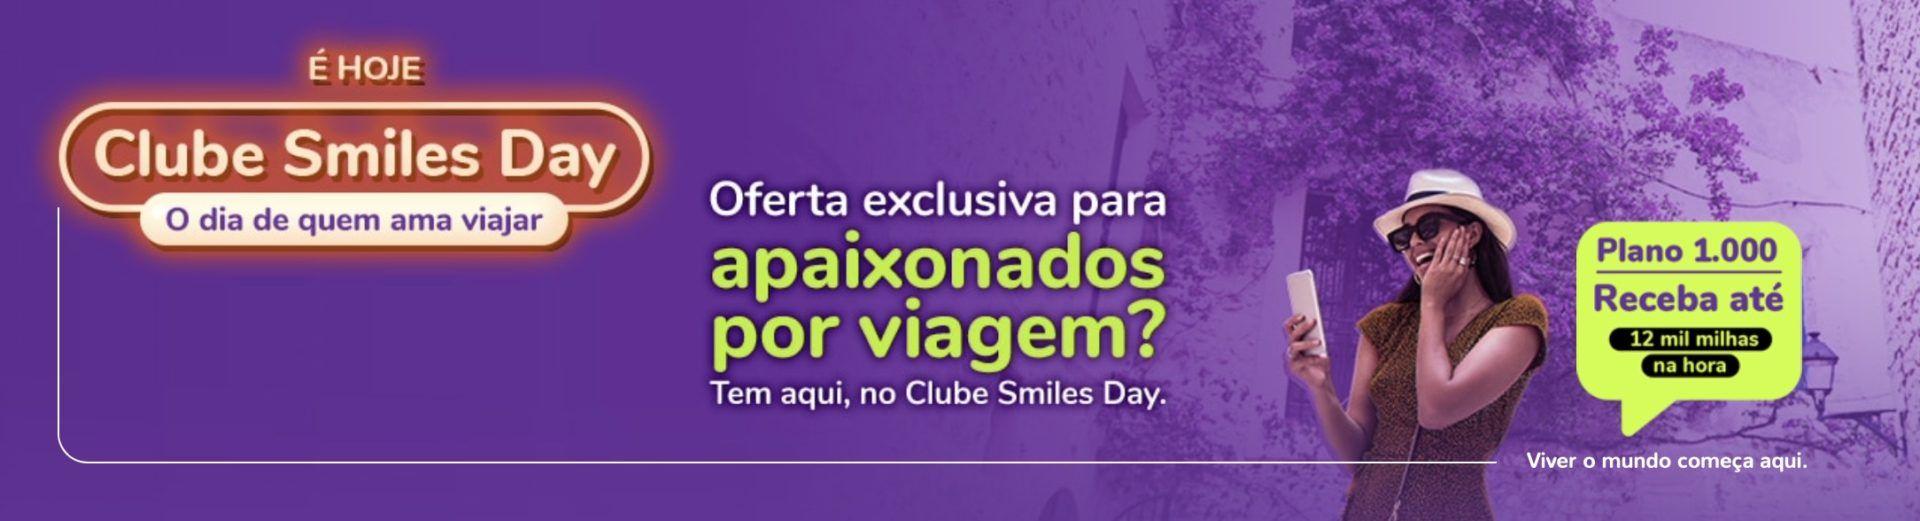 Smiles Day milhas Clube